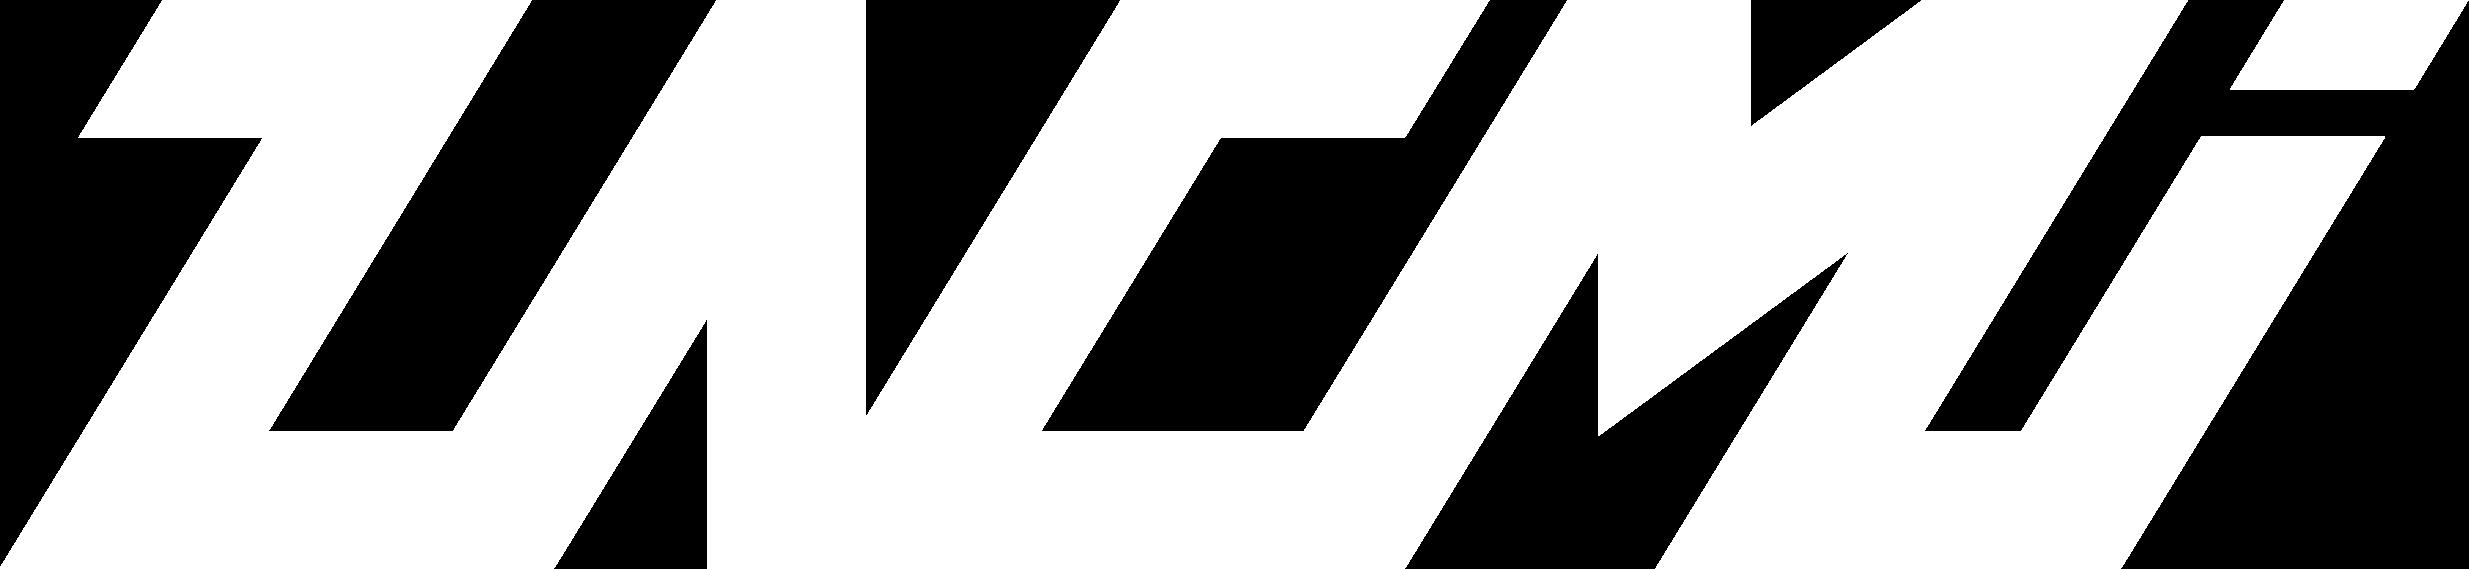 Logo Zacmi